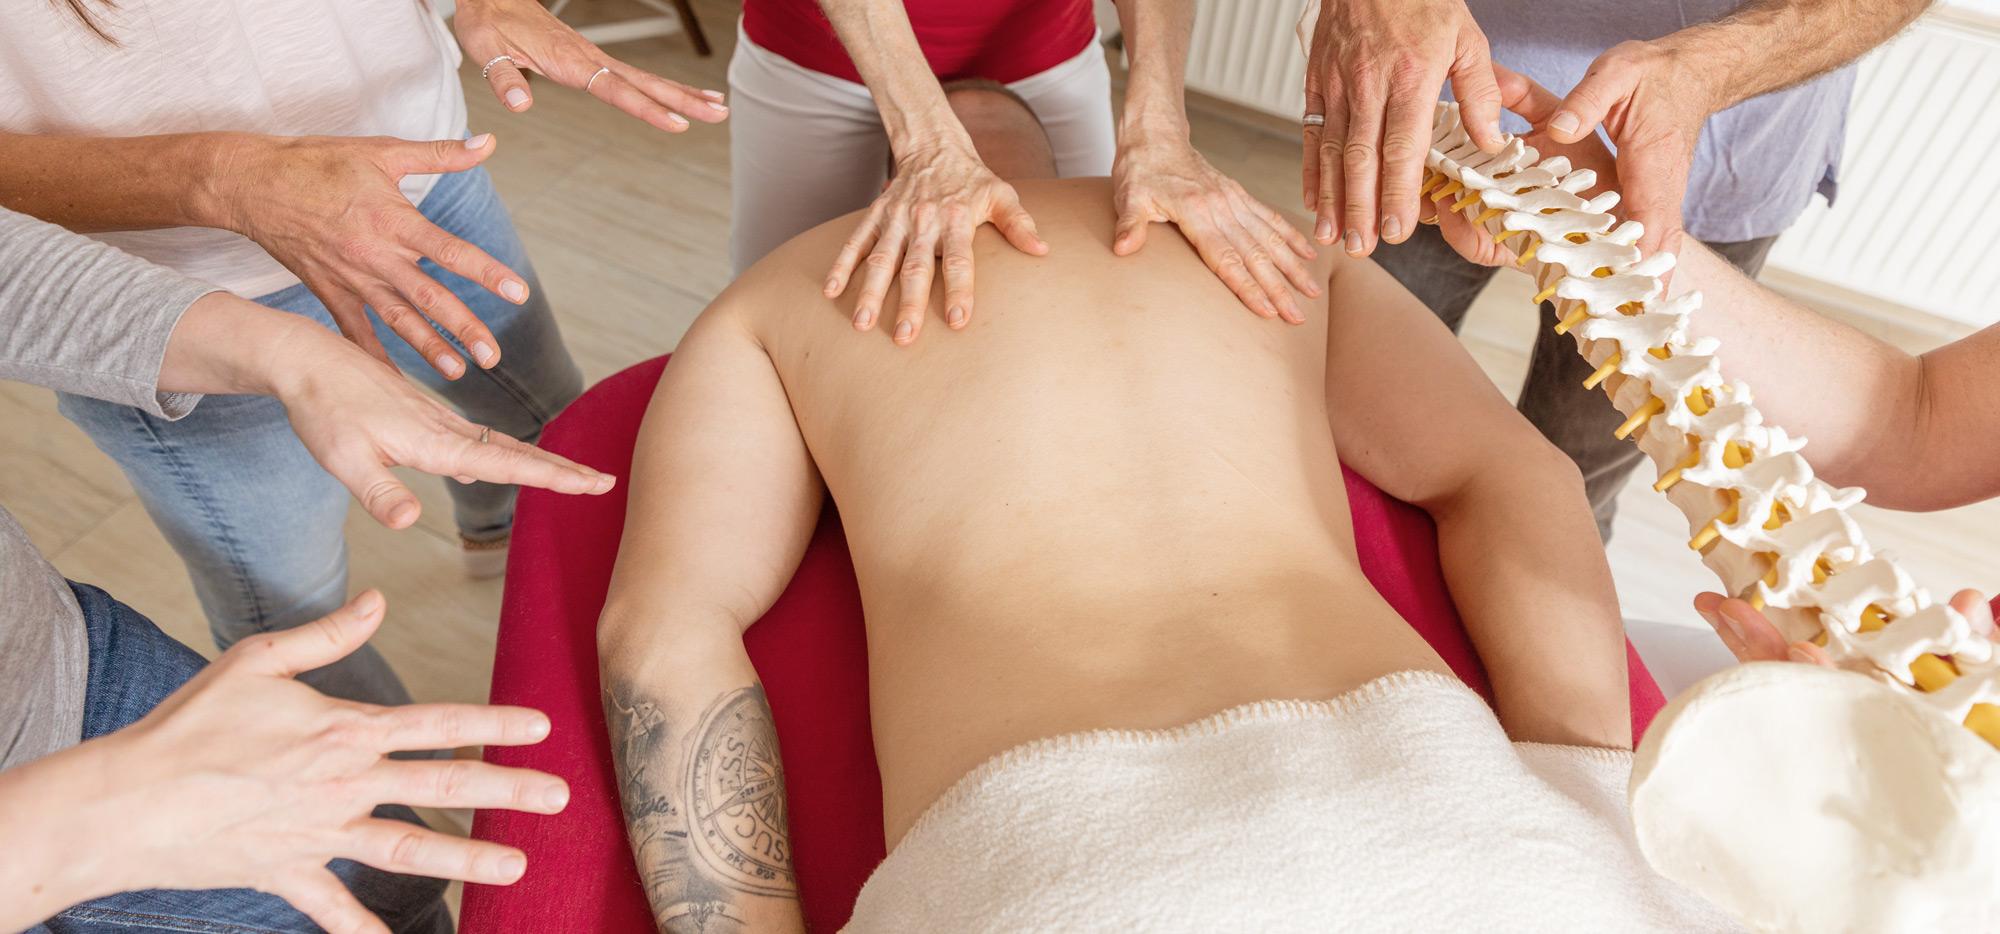 Massage Ausbildung, ganzheitlich und achtsamkeitsbasiert, für Berufsanfänger, Quereinsteiger und Profis in Deutschland und Österreich.